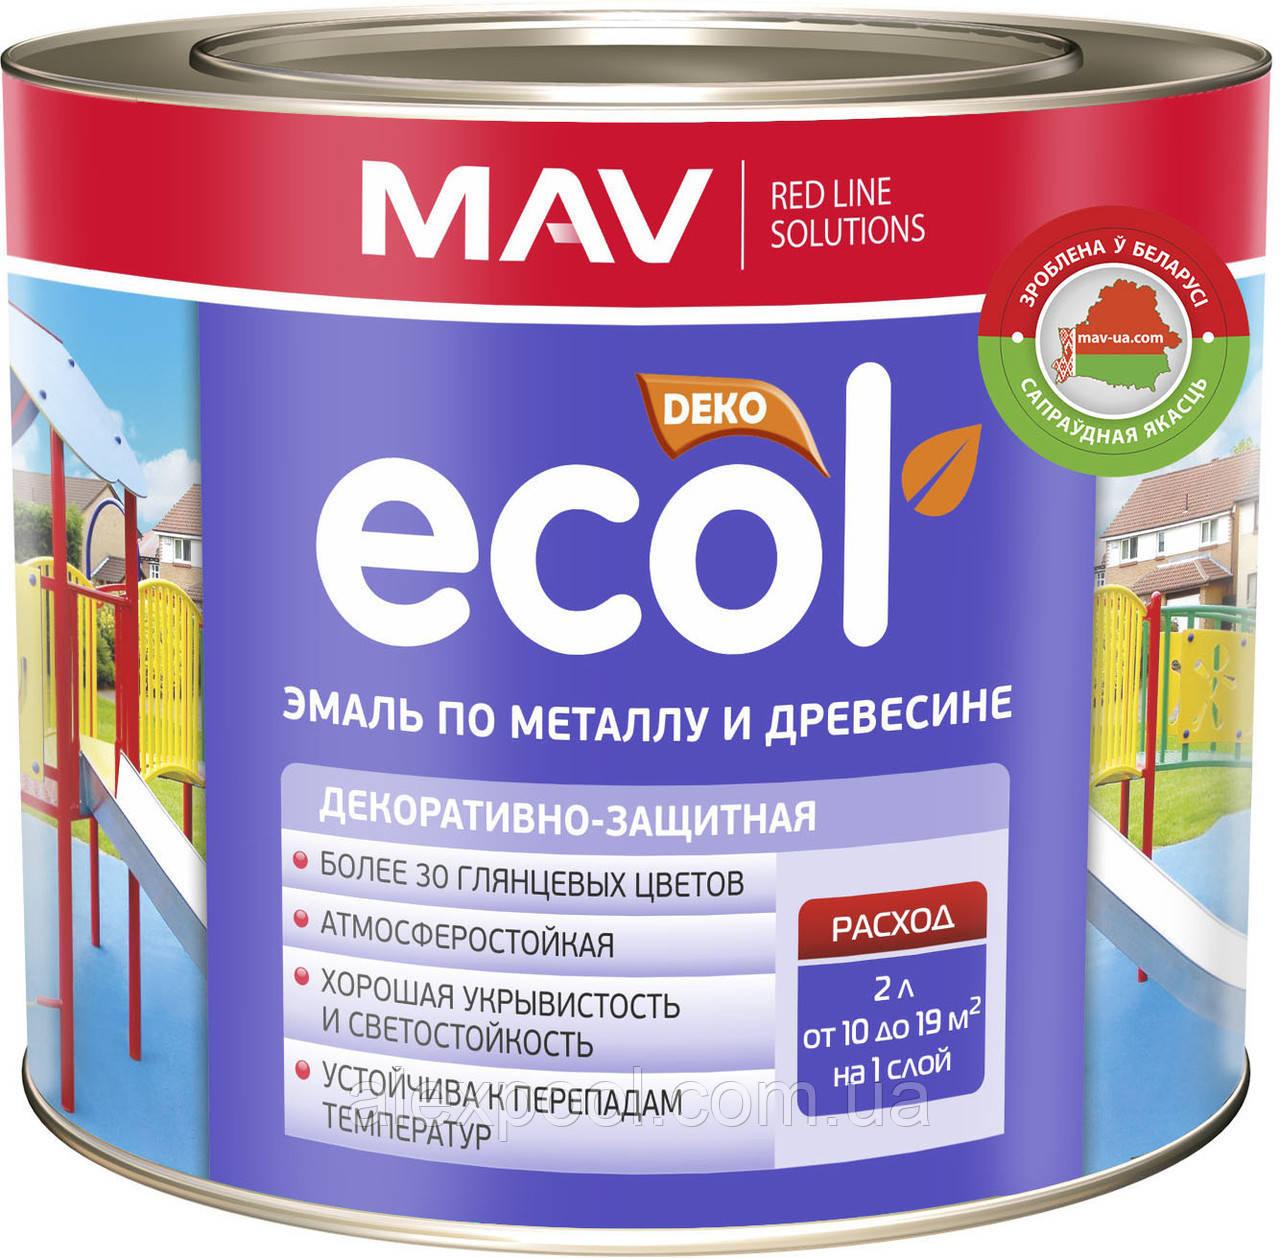 Эмаль MAV ECOL по металлу и древесине Белая повышенной белизны 2,4 литра